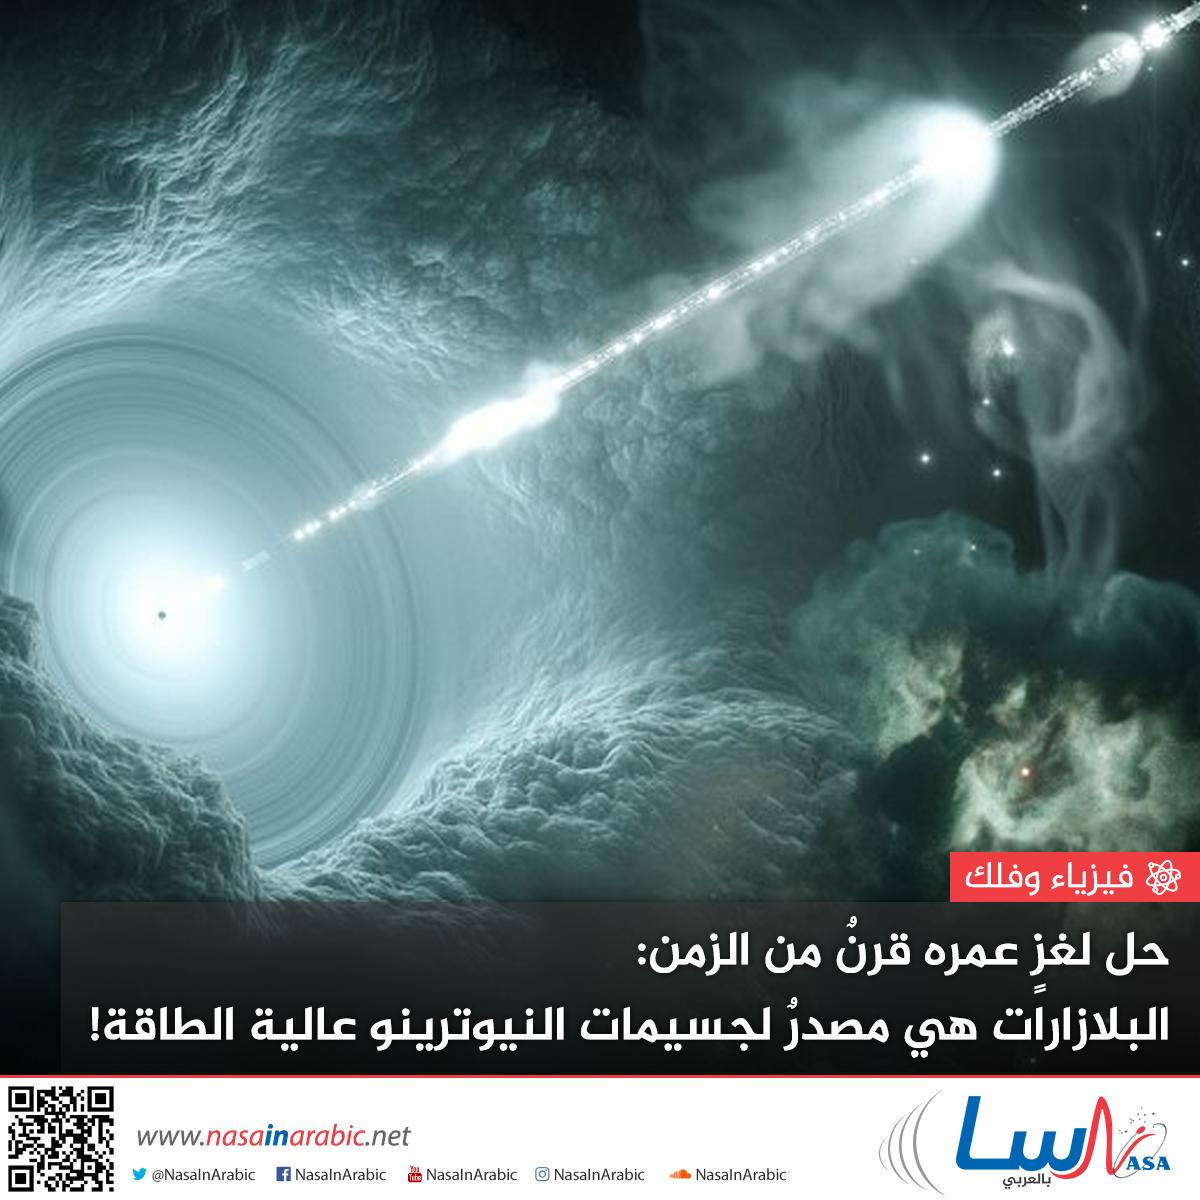 حل لغز عمره قرن من الزمن: البلازارات هي مصدر لجسيمات النيوترينو عالية الطاقة!